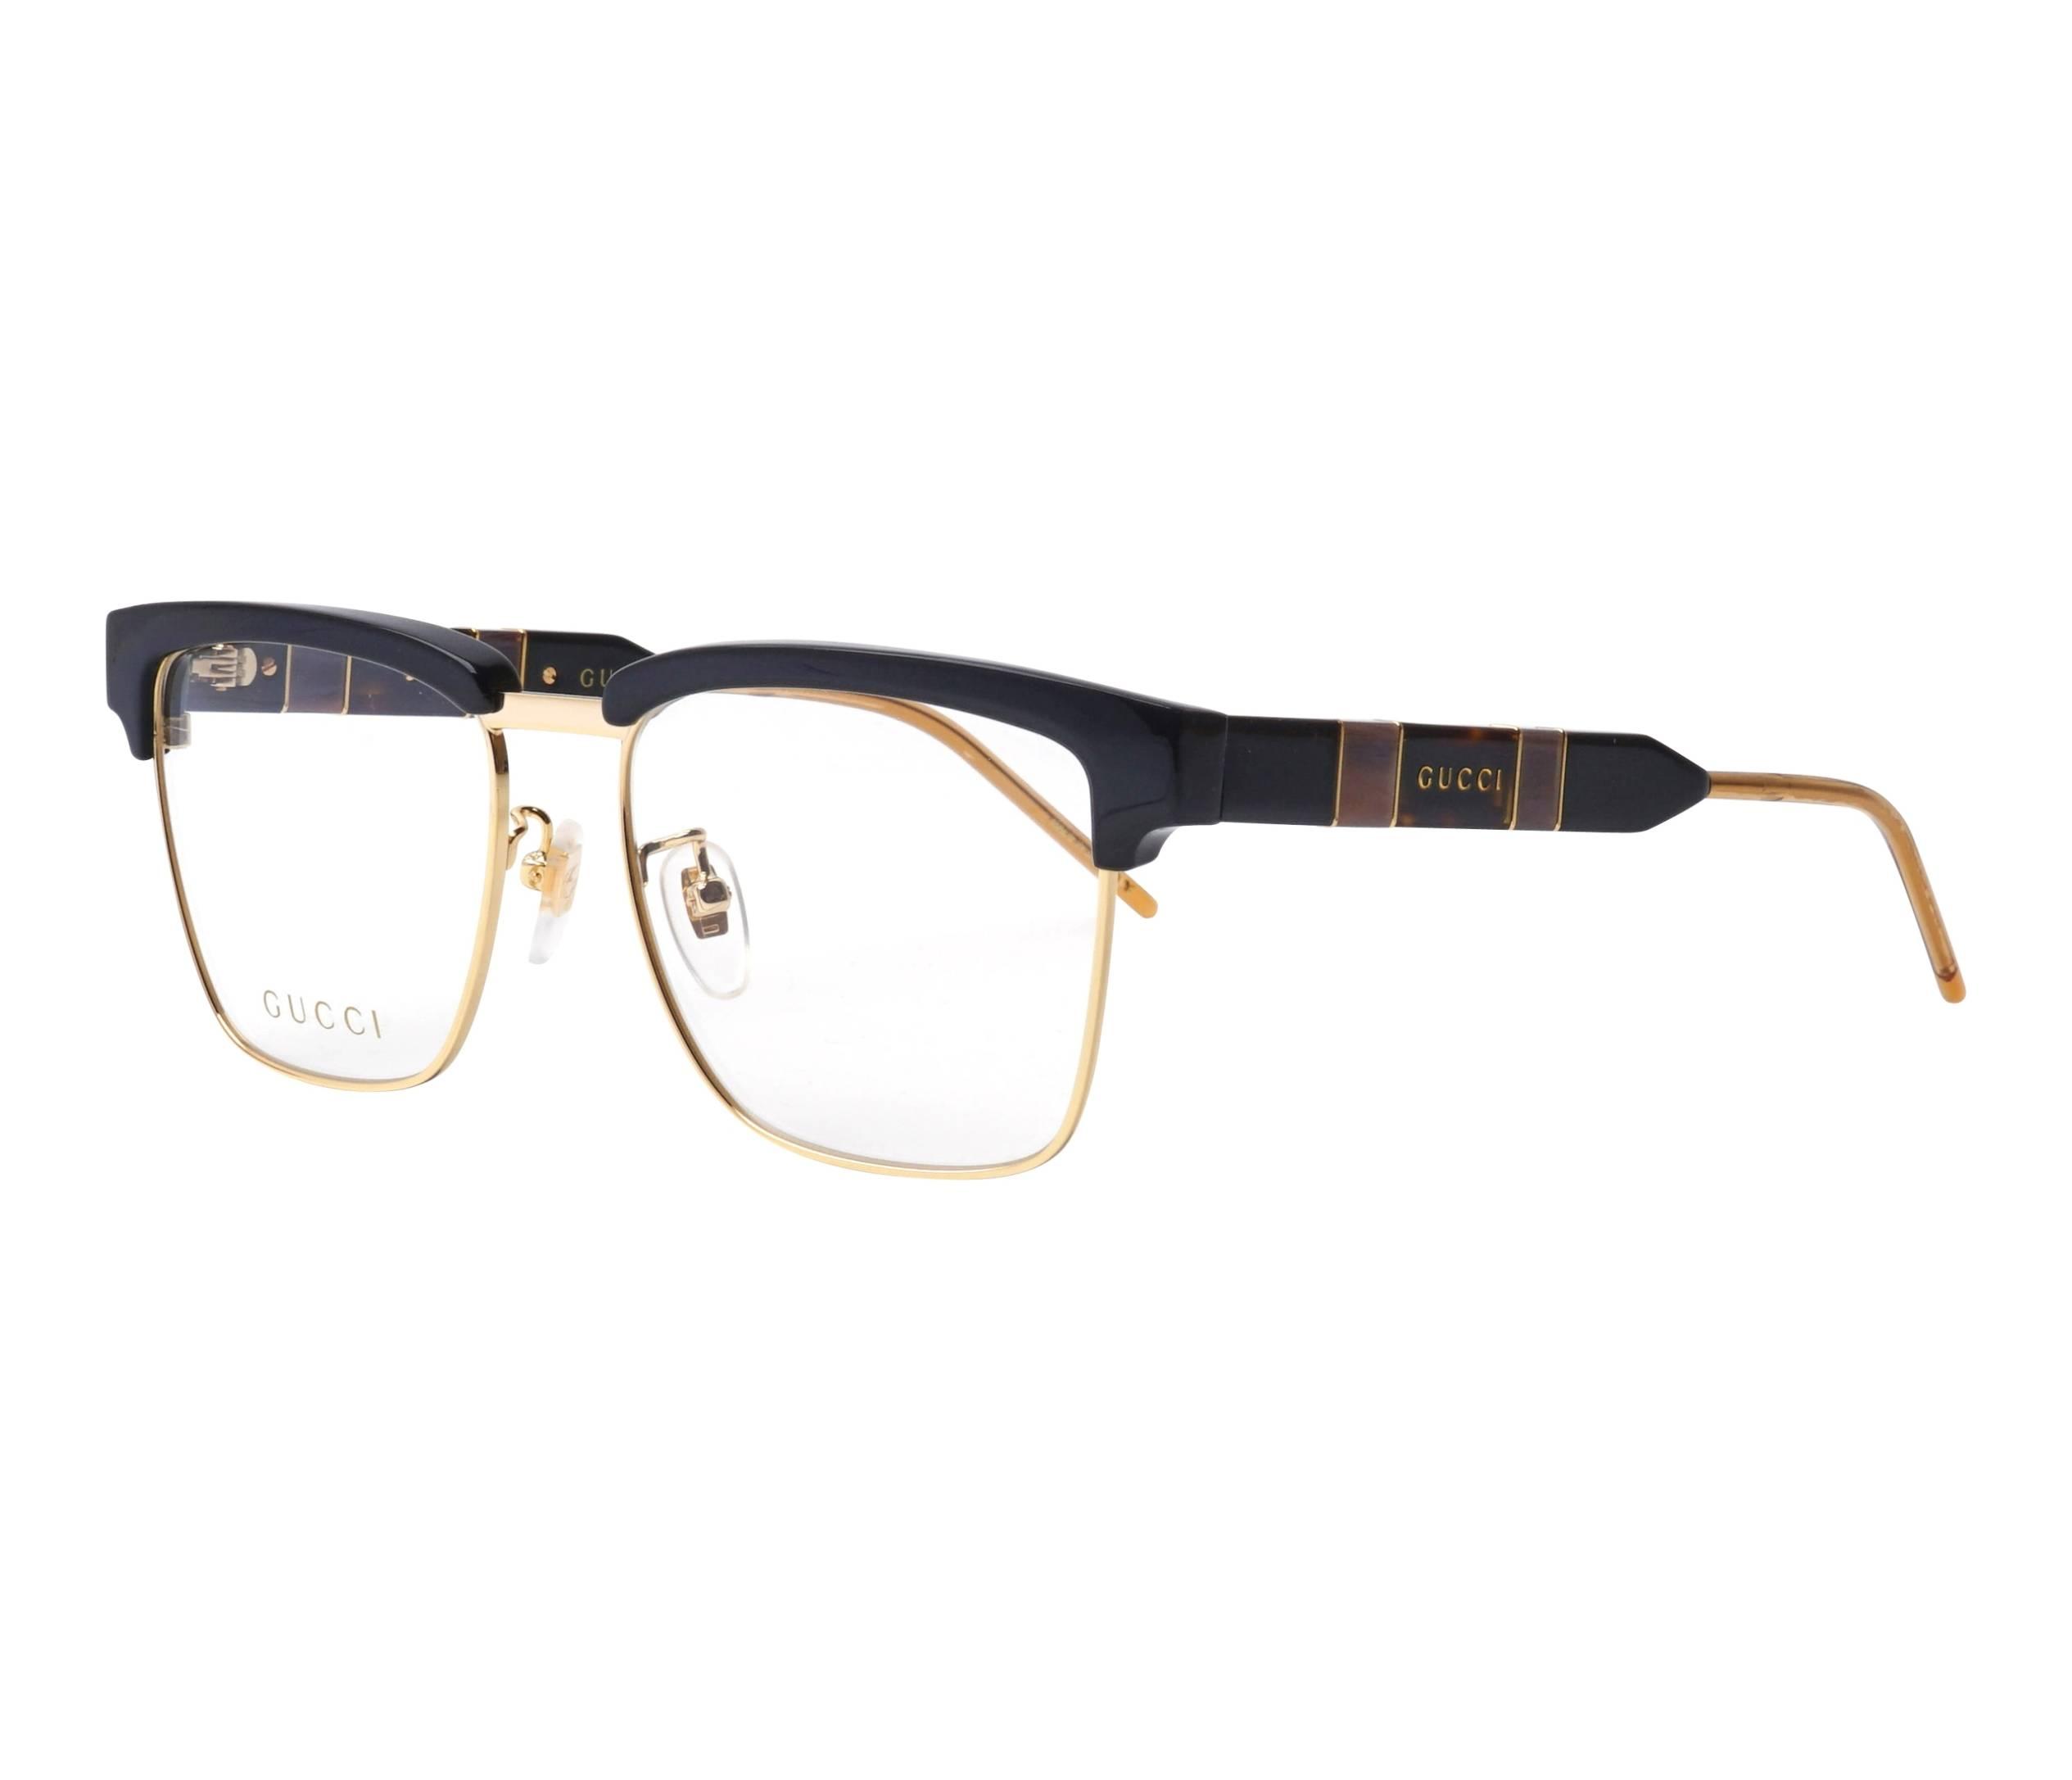 lunette-gucci-GG0605O-001-52_1